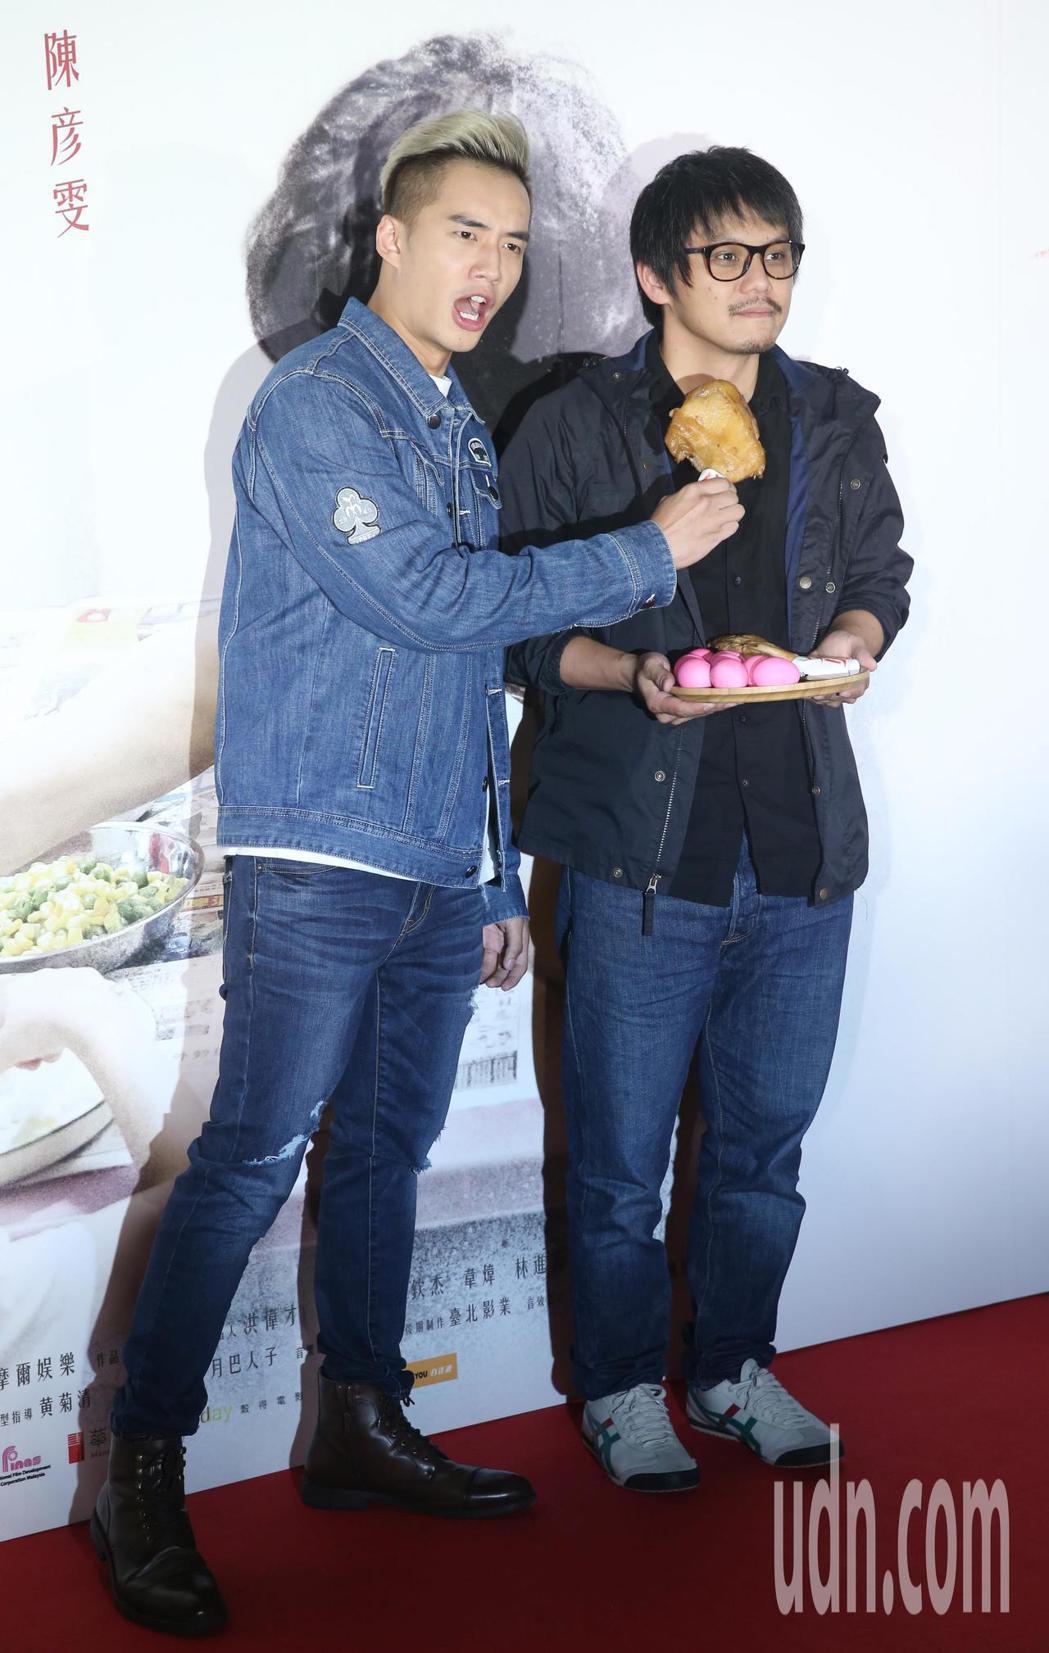 電影「分貝人生」今天舉行首映會,導演陳勝吉和男演員陳澤耀出席宣傳,陳澤耀(左)拿...